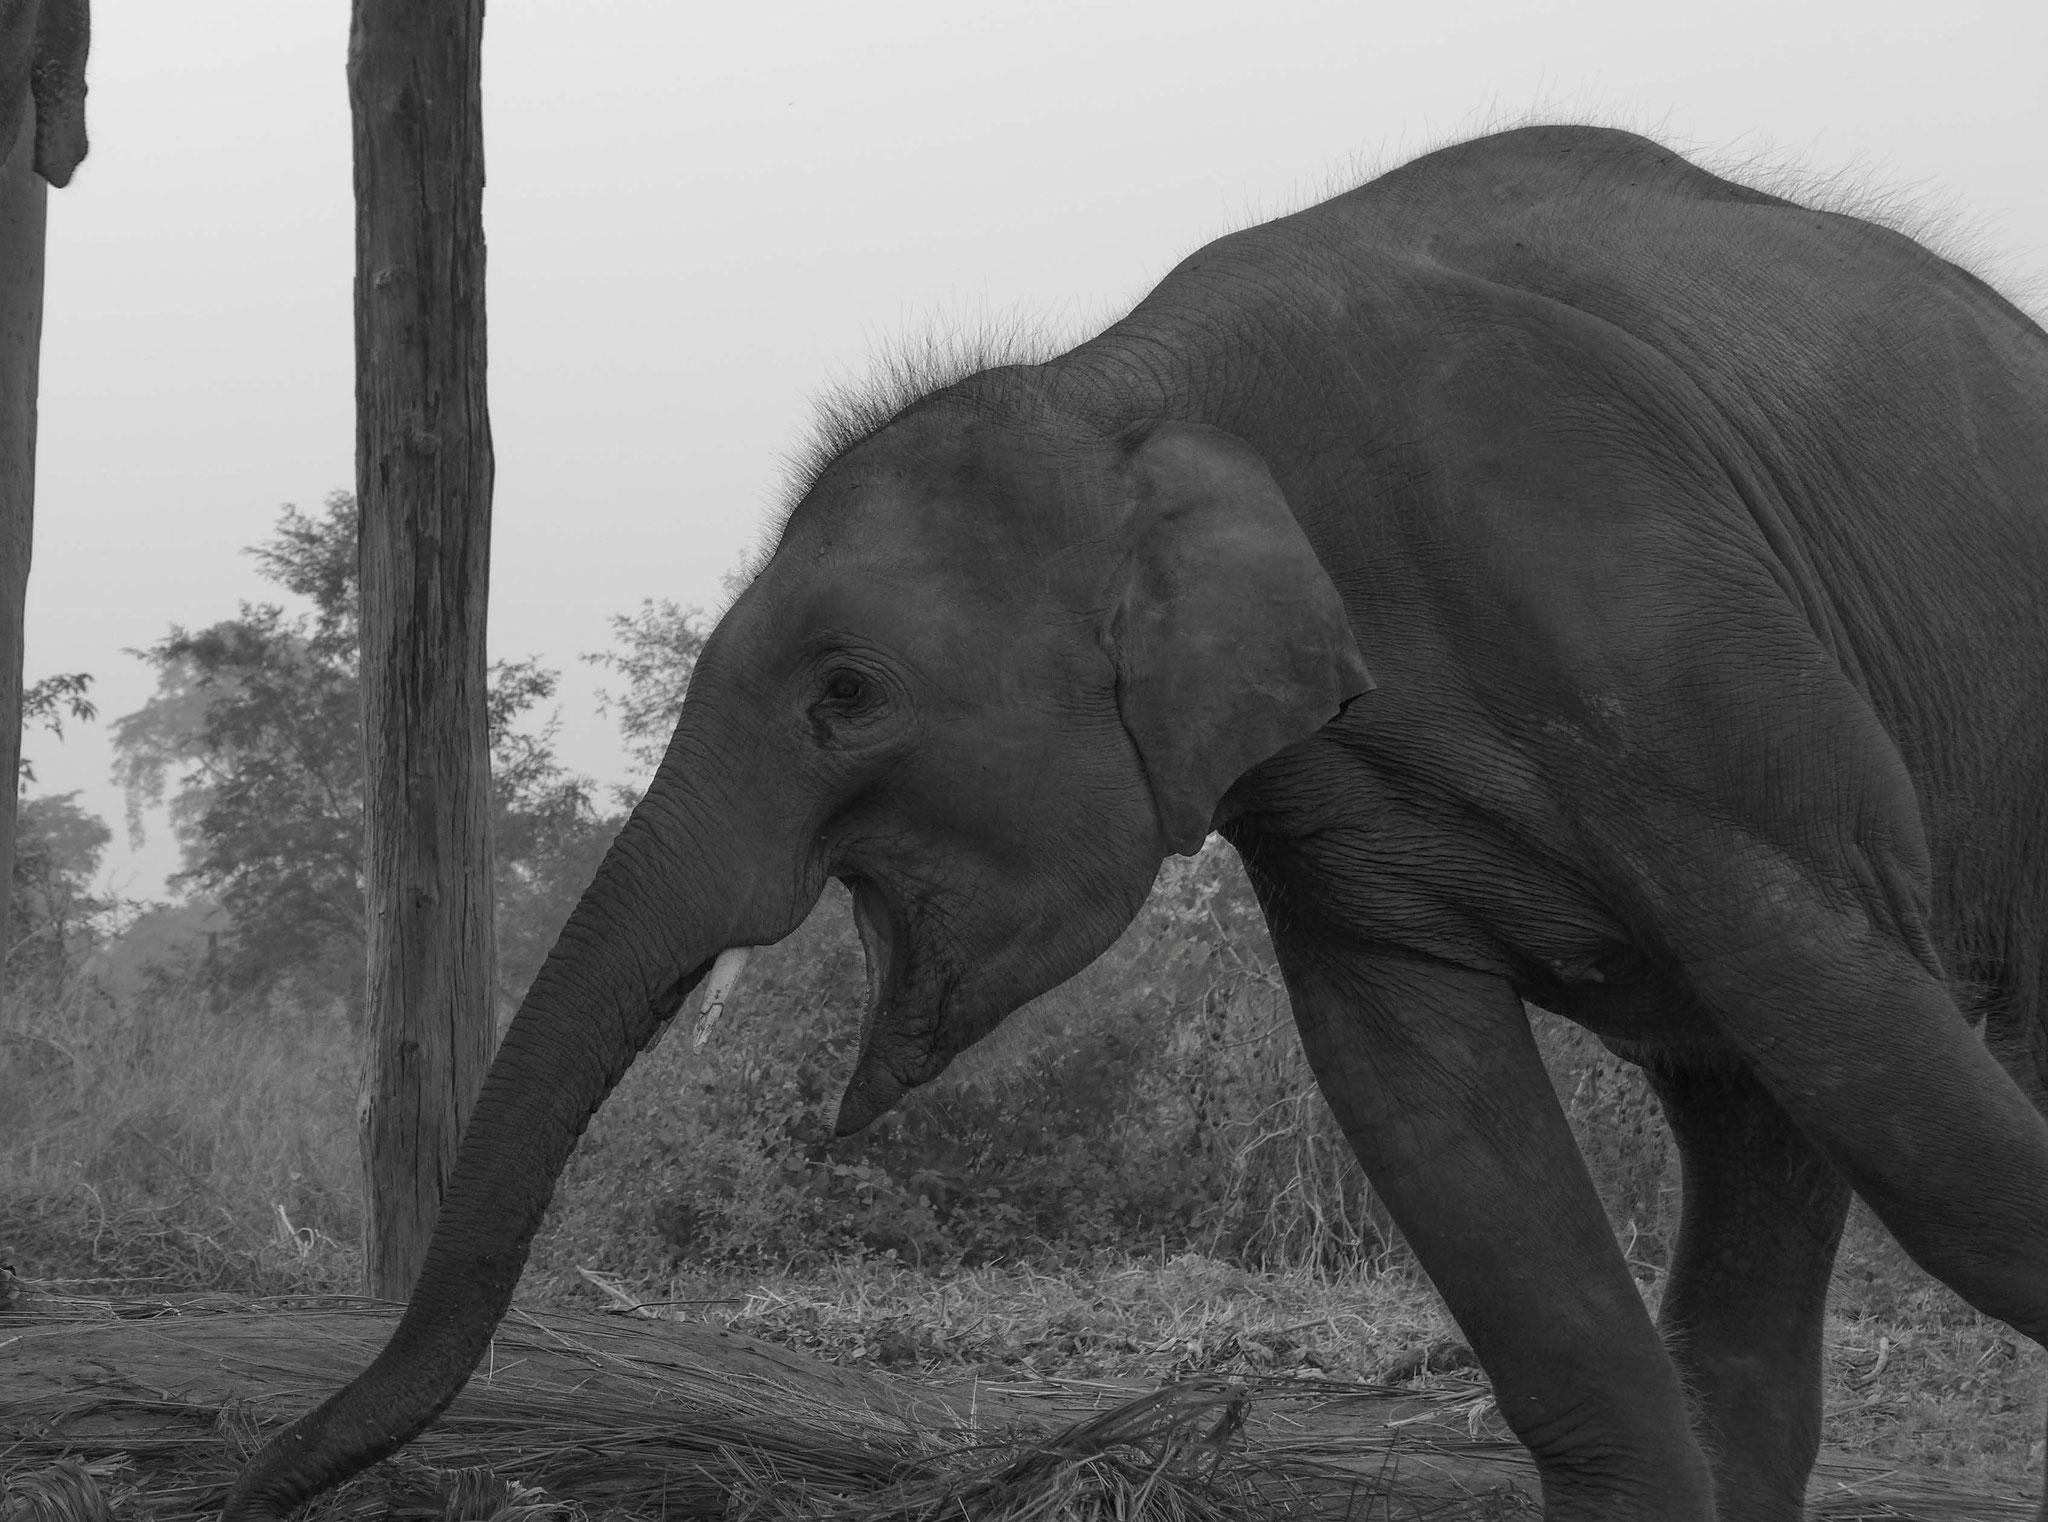 ... und den Elefanten vorbei.